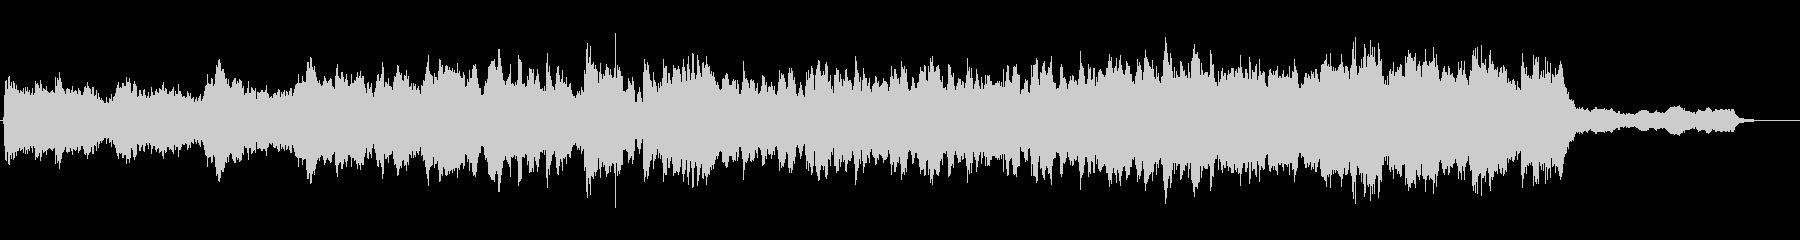 ティンパニのヒットと強力な弦のトレ...の未再生の波形